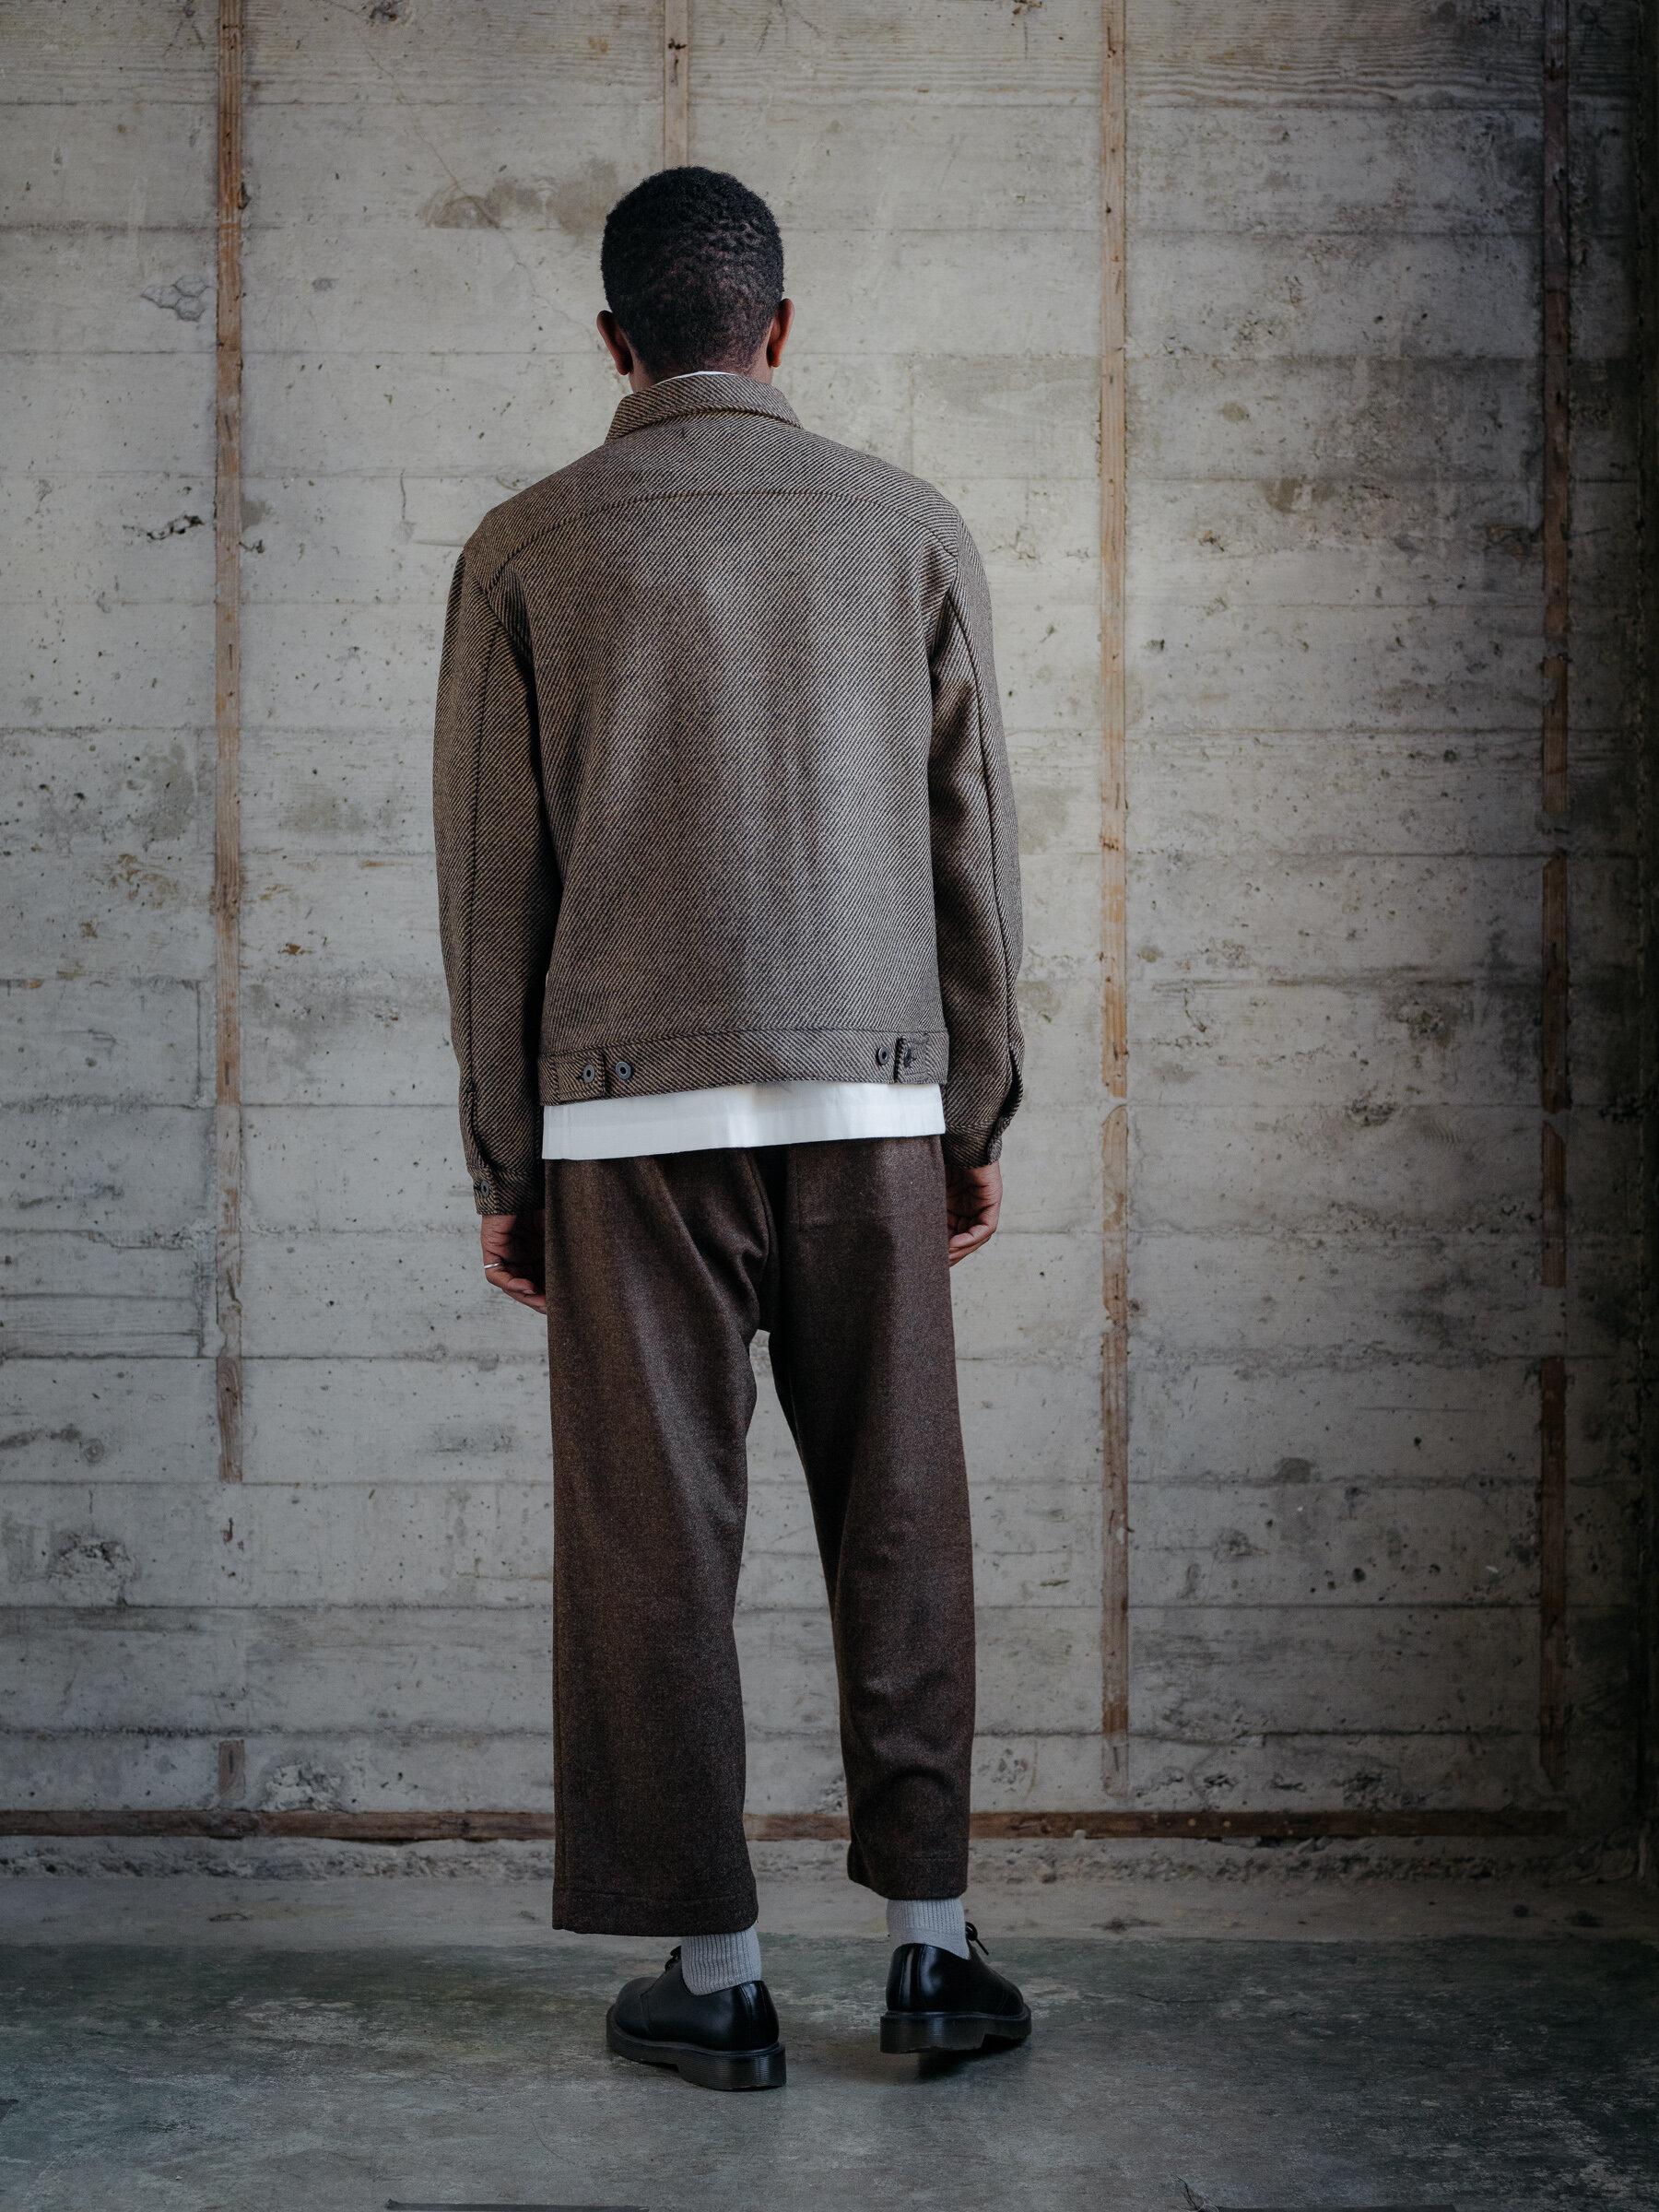 evan-kinori-pleated-jacket-lambswool-woven-in-ireland-3